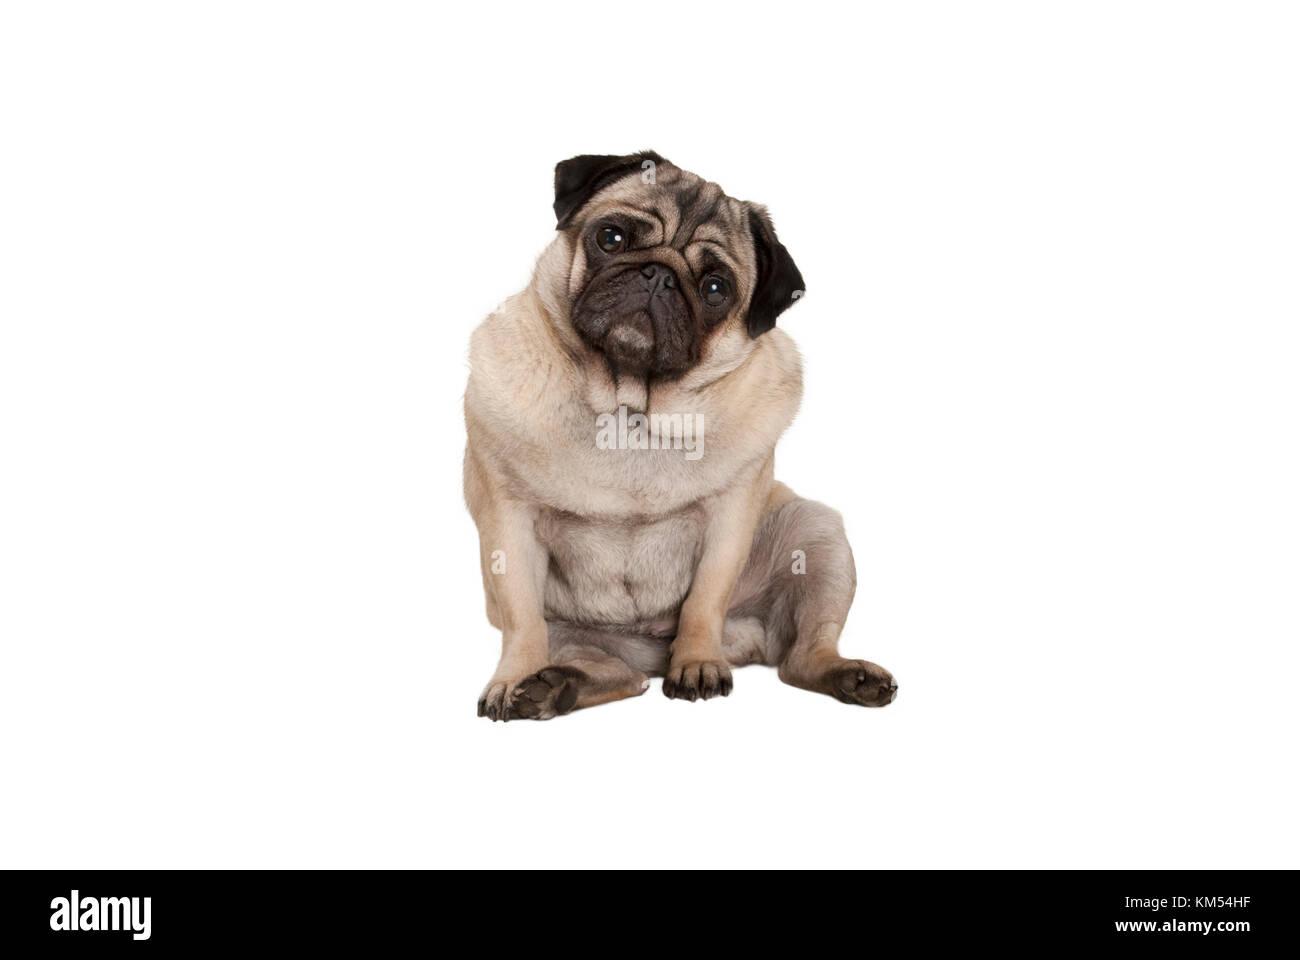 Carino smart pug cucciolo di cane con faccia cheecky, seduti, isolati su sfondo bianco Immagini Stock